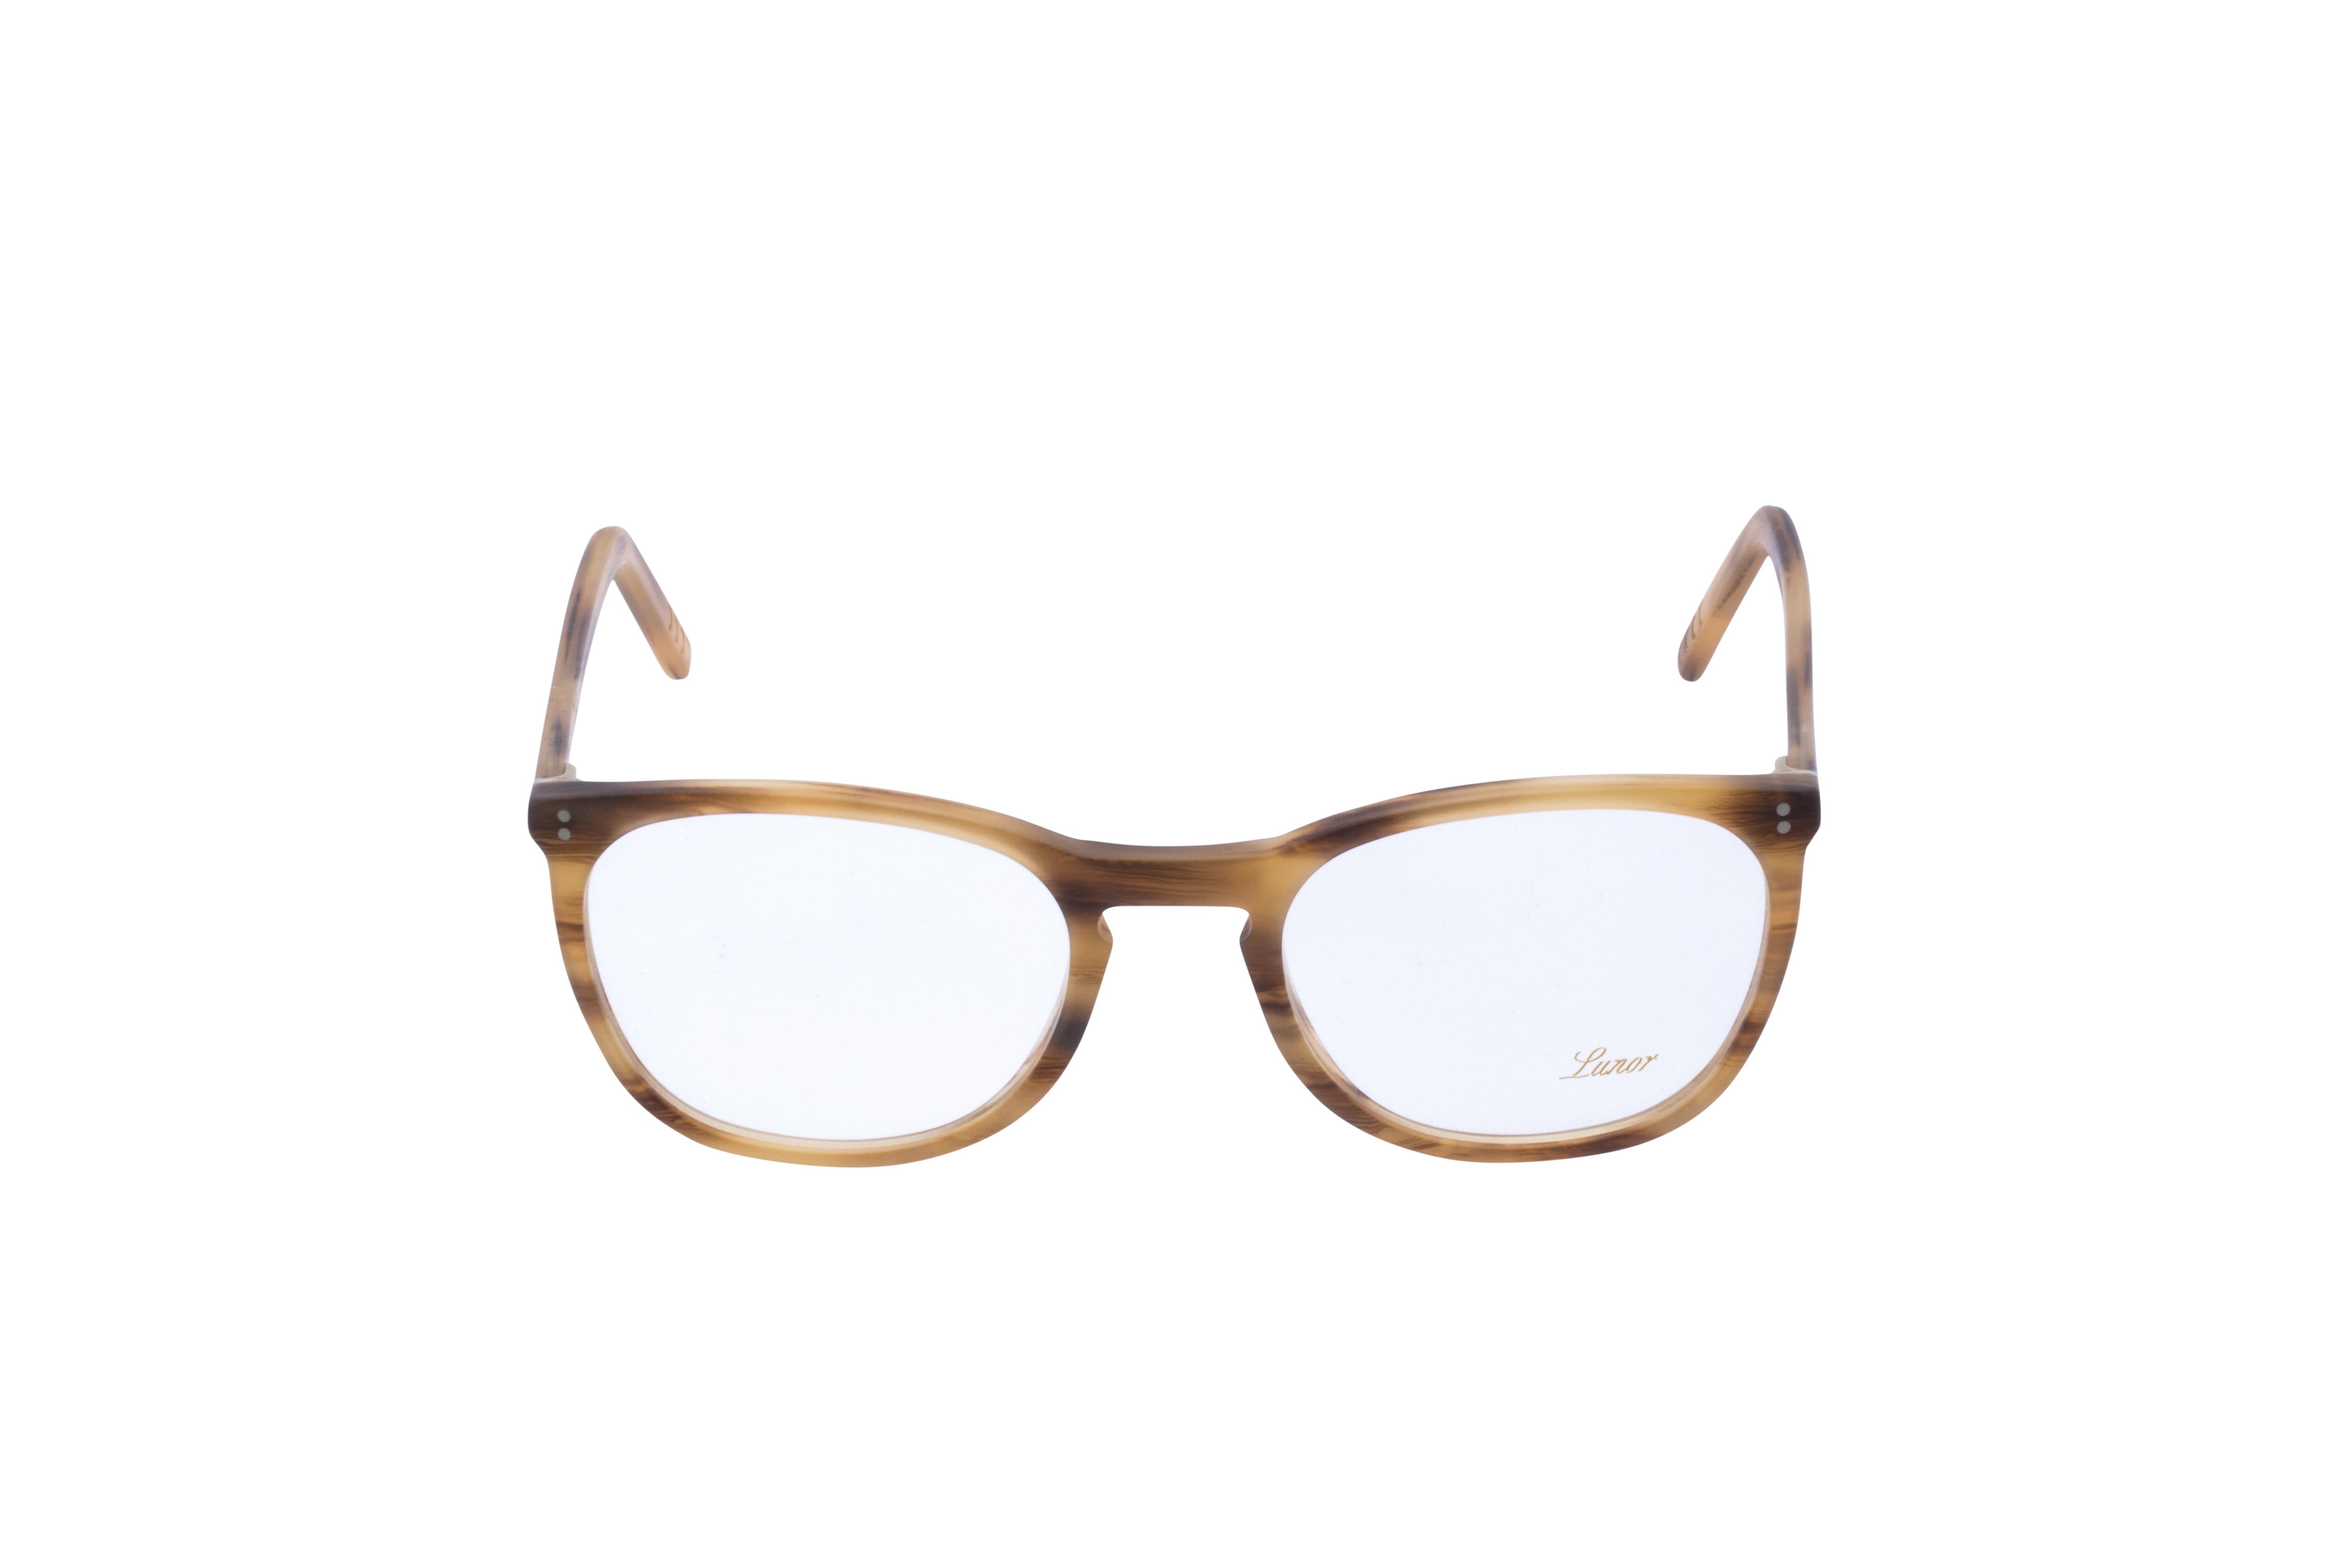 Lunor 312 Frontansicht, Brille auf Weiß